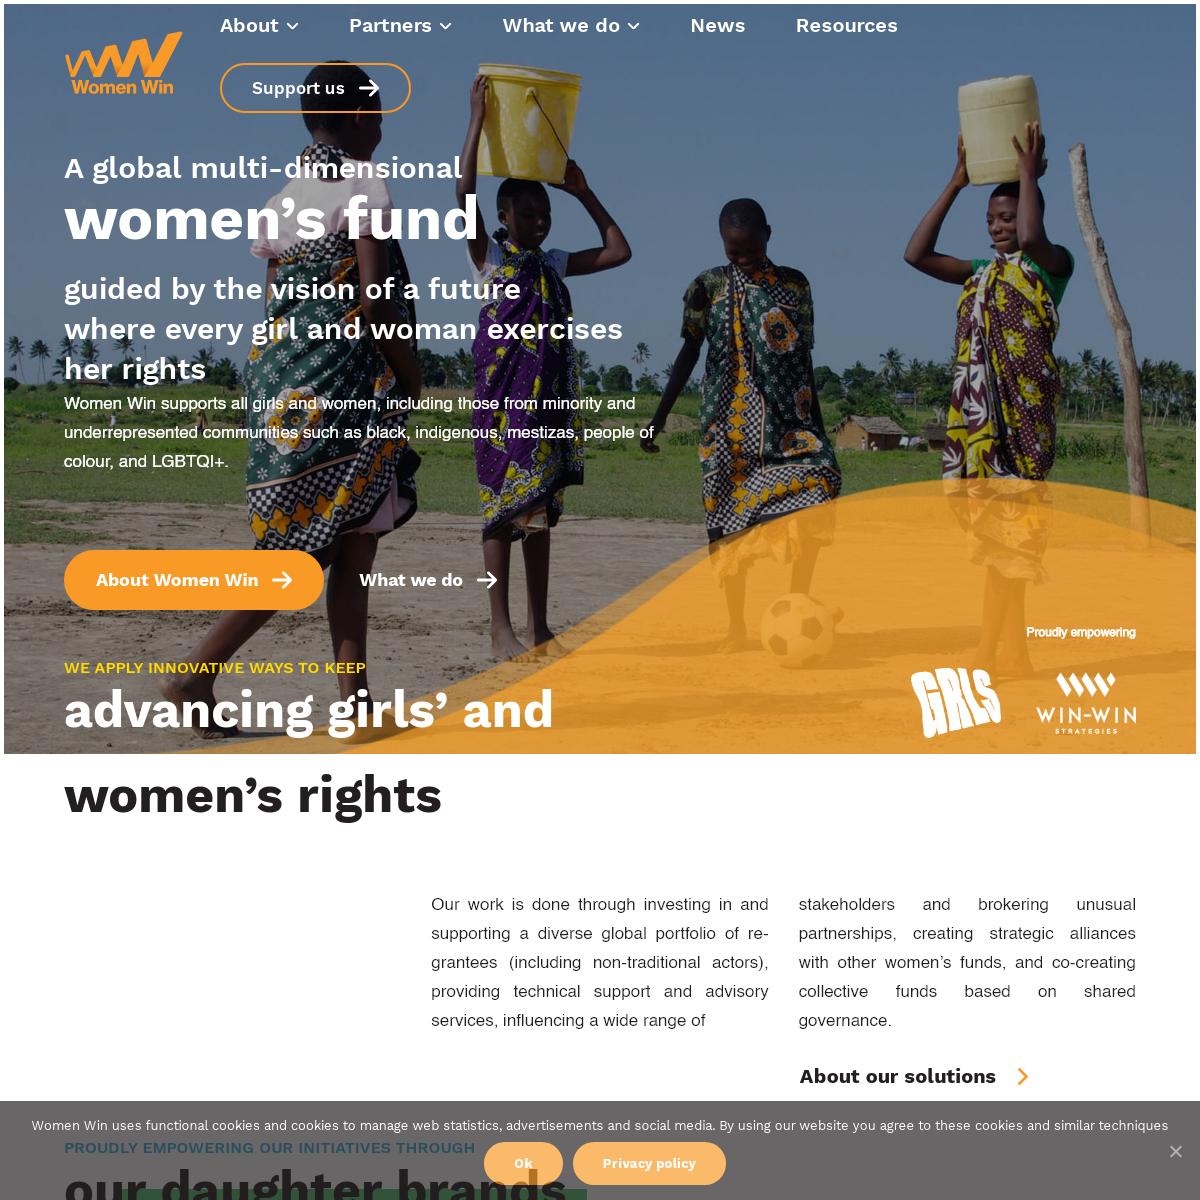 Women Win - Supporting girls and women around the world